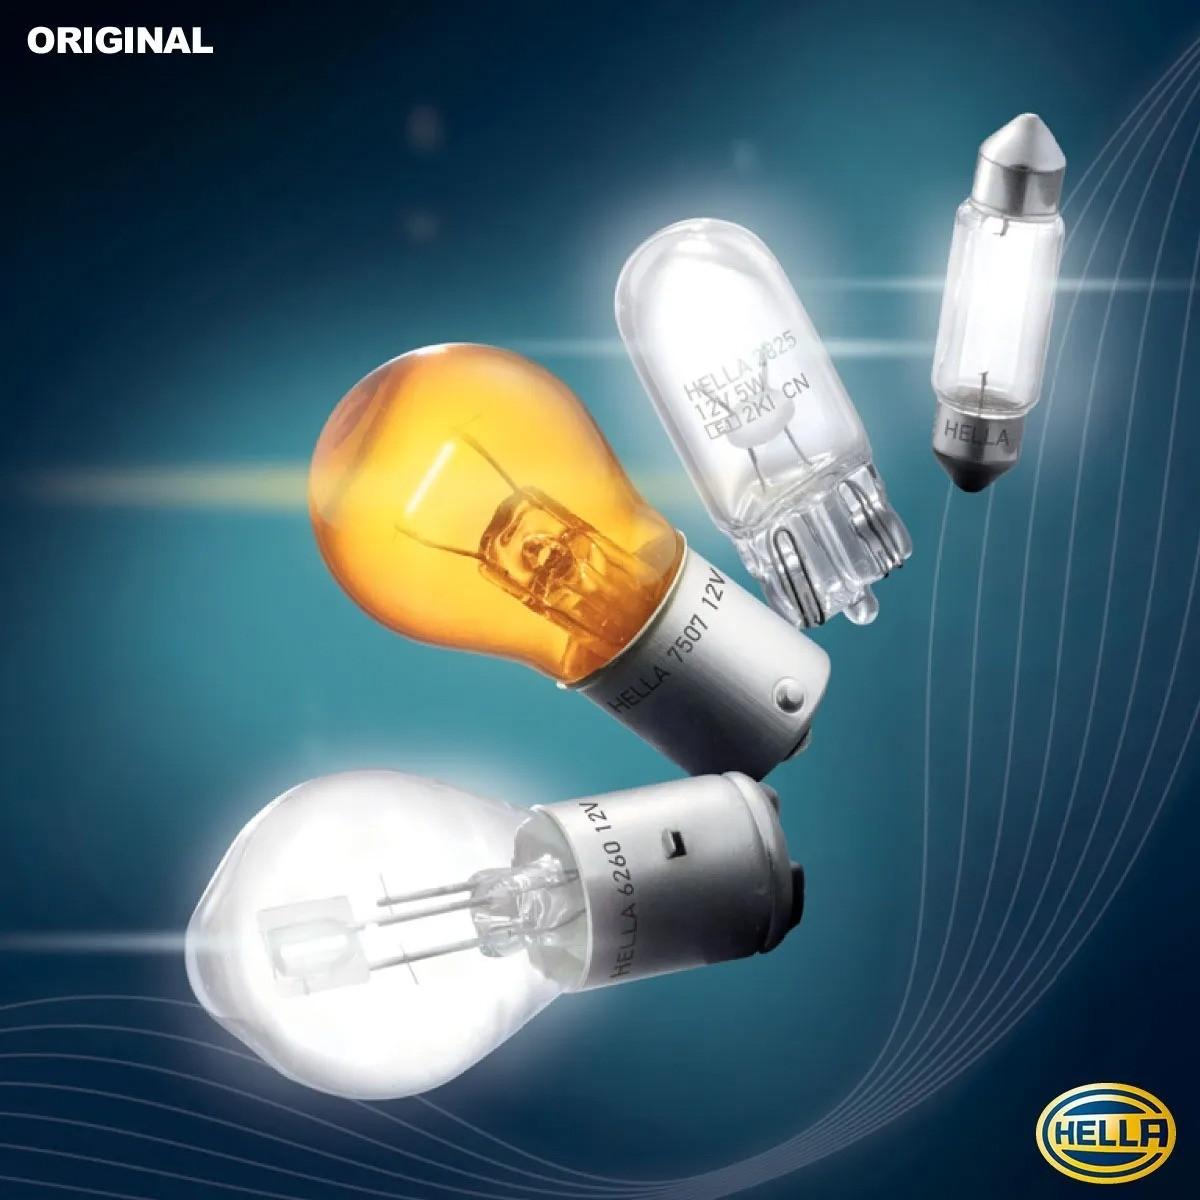 KIT 10 LAMPADAS CONVENCIONAIS 12V ESMAGADA 12V 1.2W BASE VIDRO T5 UNIVERSAL HELLA